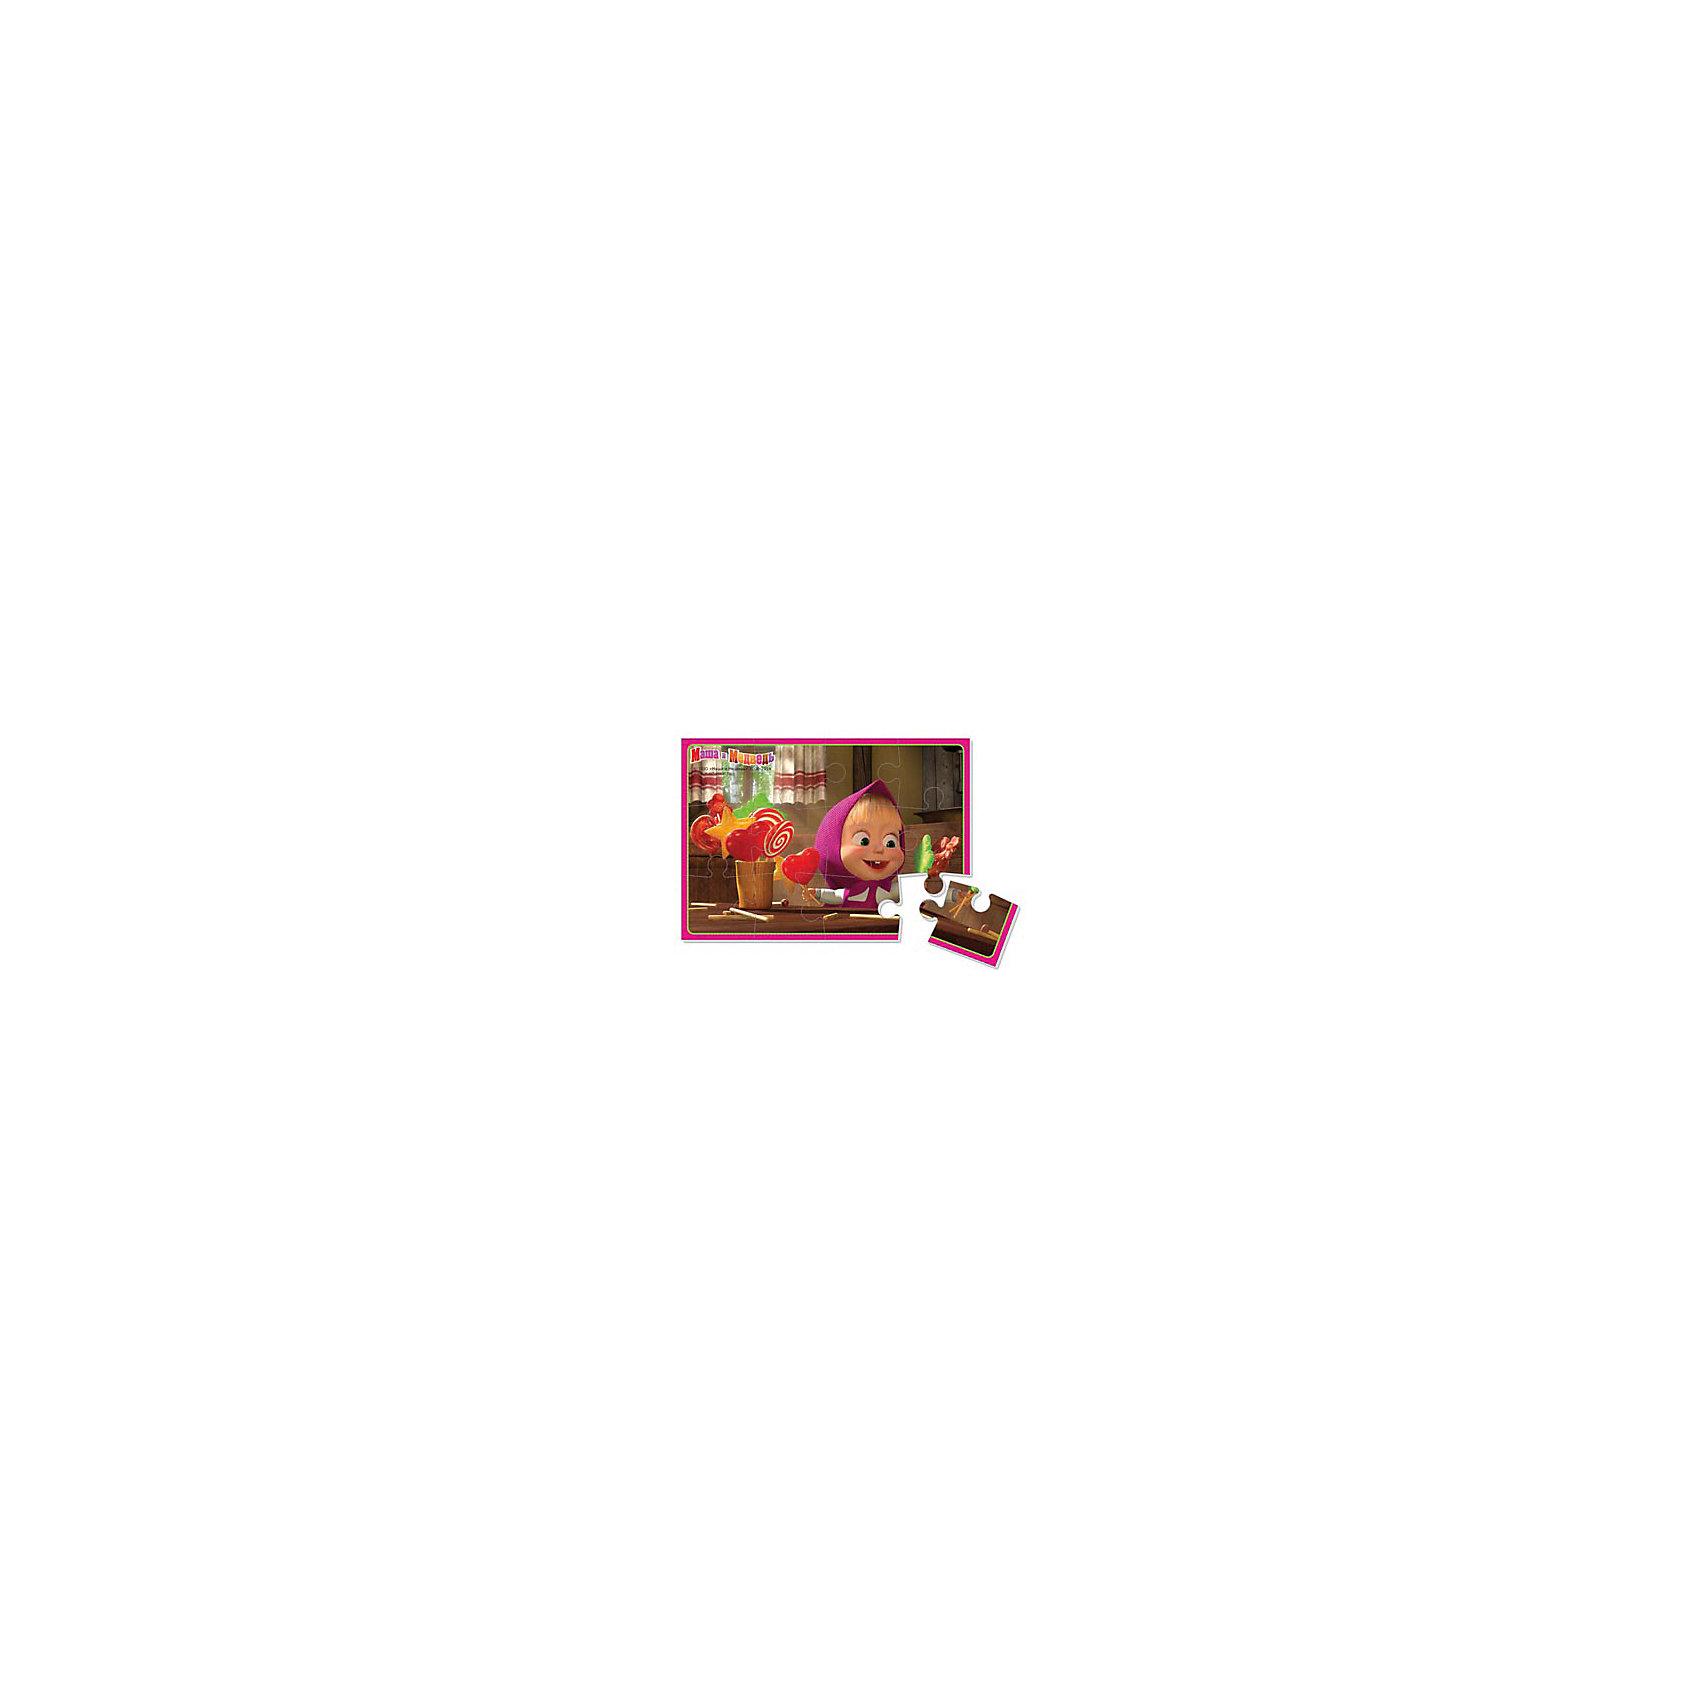 Мягкие пазлы  А5 Маша с конфетами, Маша и Медведь, Vladi ToysХарактеристики:<br><br>• Вид игр: развивающие<br>• Серия: пазлы-картинки<br>• Пол: универсальный<br>• Материал: полимер, картон<br>• Цвет: коричневый, розовый, красный, зеленый и др.<br>• Комплектация: 1 пазл из 12-ти элементов<br>• Размеры (Д*Ш*В): 18*4*28,5 см<br>• Тип упаковки: картонная коробка<br>• Вес: 20 г<br><br>Мягкие пазлы А5 Маша с конфетами, Маша и Медведь, производителем которых является компания, специализирующаяся на выпуске развивающих игр, давно уже стали популярными среди аналогичной продукции. Мягкие пазлы – идеальное решение для развивающих занятий с самыми маленькими детьми, так как они разделены на большие элементы с крупными изображениями, чаще всего в качестве картинок используются герои популярных мультсериалов. Самое важное в пазле для малышей – это минимум деталей и безопасность элементов. Все используемые в производстве материалы являются экологически безопасными, не вызывают аллергии, не имеют запаха. Пазл Маша с конфетами, Маша и Медведь представляет собой сюжетную картинку размером А5, которая состоит из 12-и крупных элементов с изображением сюжета из мультфильма Маша и медведь. <br>Занятия с мягкими пазлами от Vladi Toys способствуют развитию не только мелкой моторики, но и внимательности, усидчивости, терпению при достижении цели. Кроме того, по собранной картинке можно составлять рассказ, что позволит развивать речевые навыки, память и воображение.<br><br>Мягкие пазлы А5 Маша с конфетами, Маша и Медведь можно купить в нашем интернет-магазине.<br><br>Ширина мм: 180<br>Глубина мм: 4<br>Высота мм: 285<br>Вес г: 20<br>Возраст от месяцев: 24<br>Возраст до месяцев: 60<br>Пол: Унисекс<br>Возраст: Детский<br>SKU: 5136072